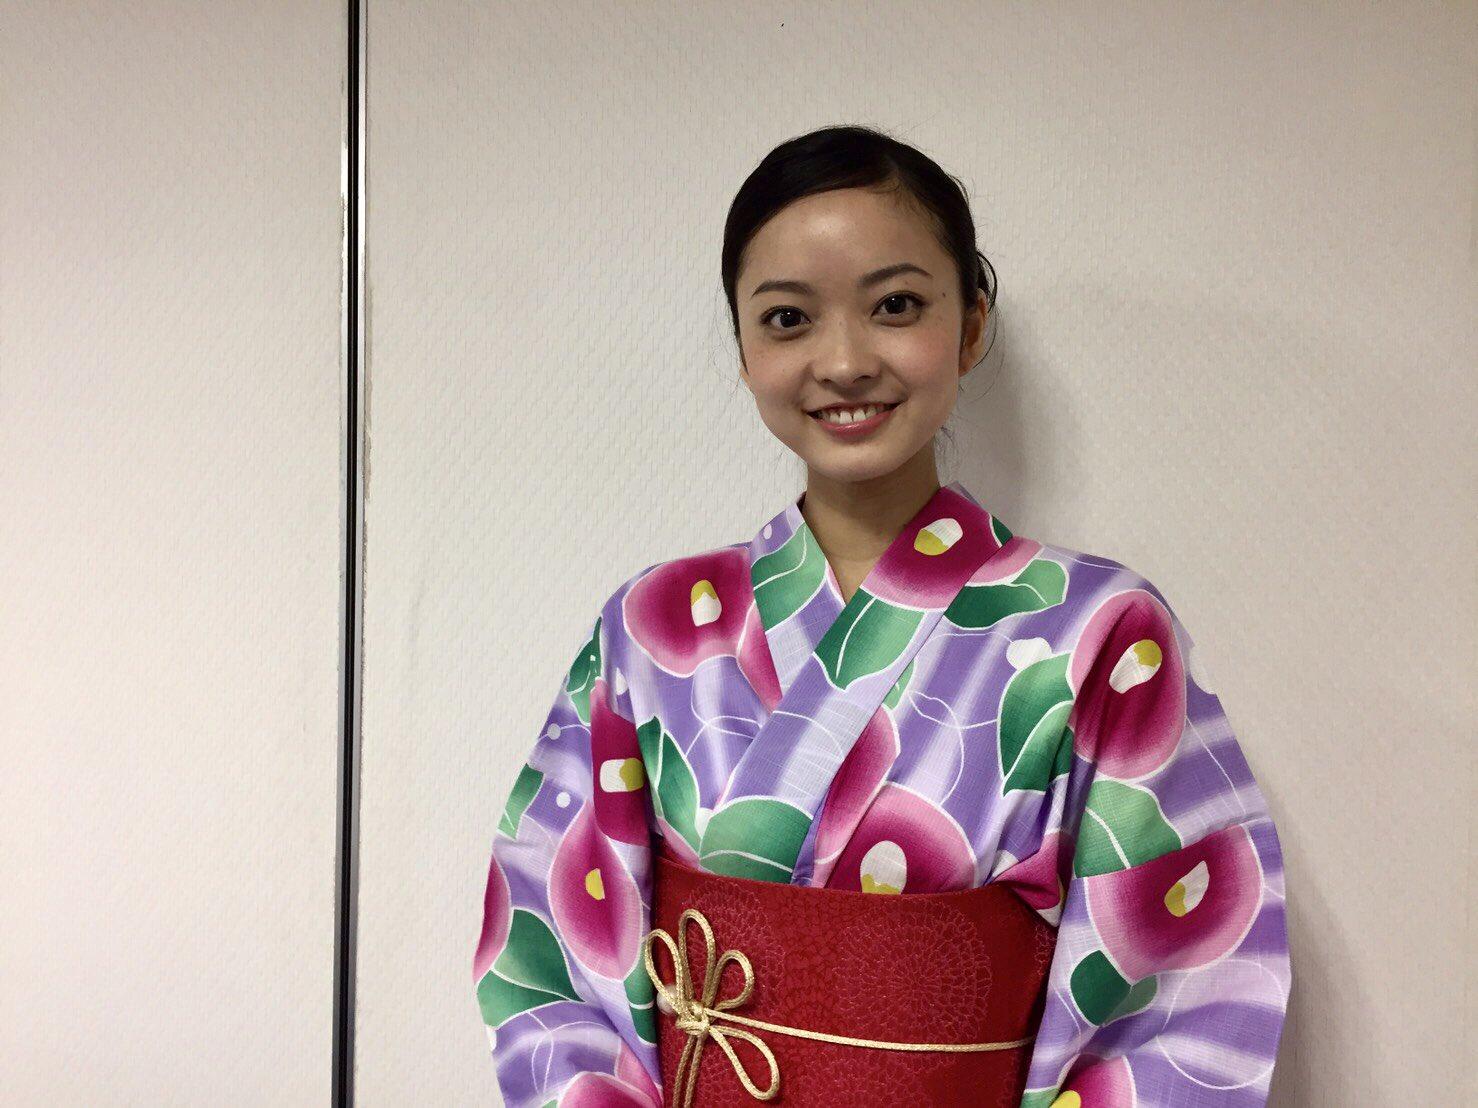 『ドクターX』で女優デビュー・川瀬莉子はお笑い好き! 最近の推しはリズムネタ「ポテトサラダ」